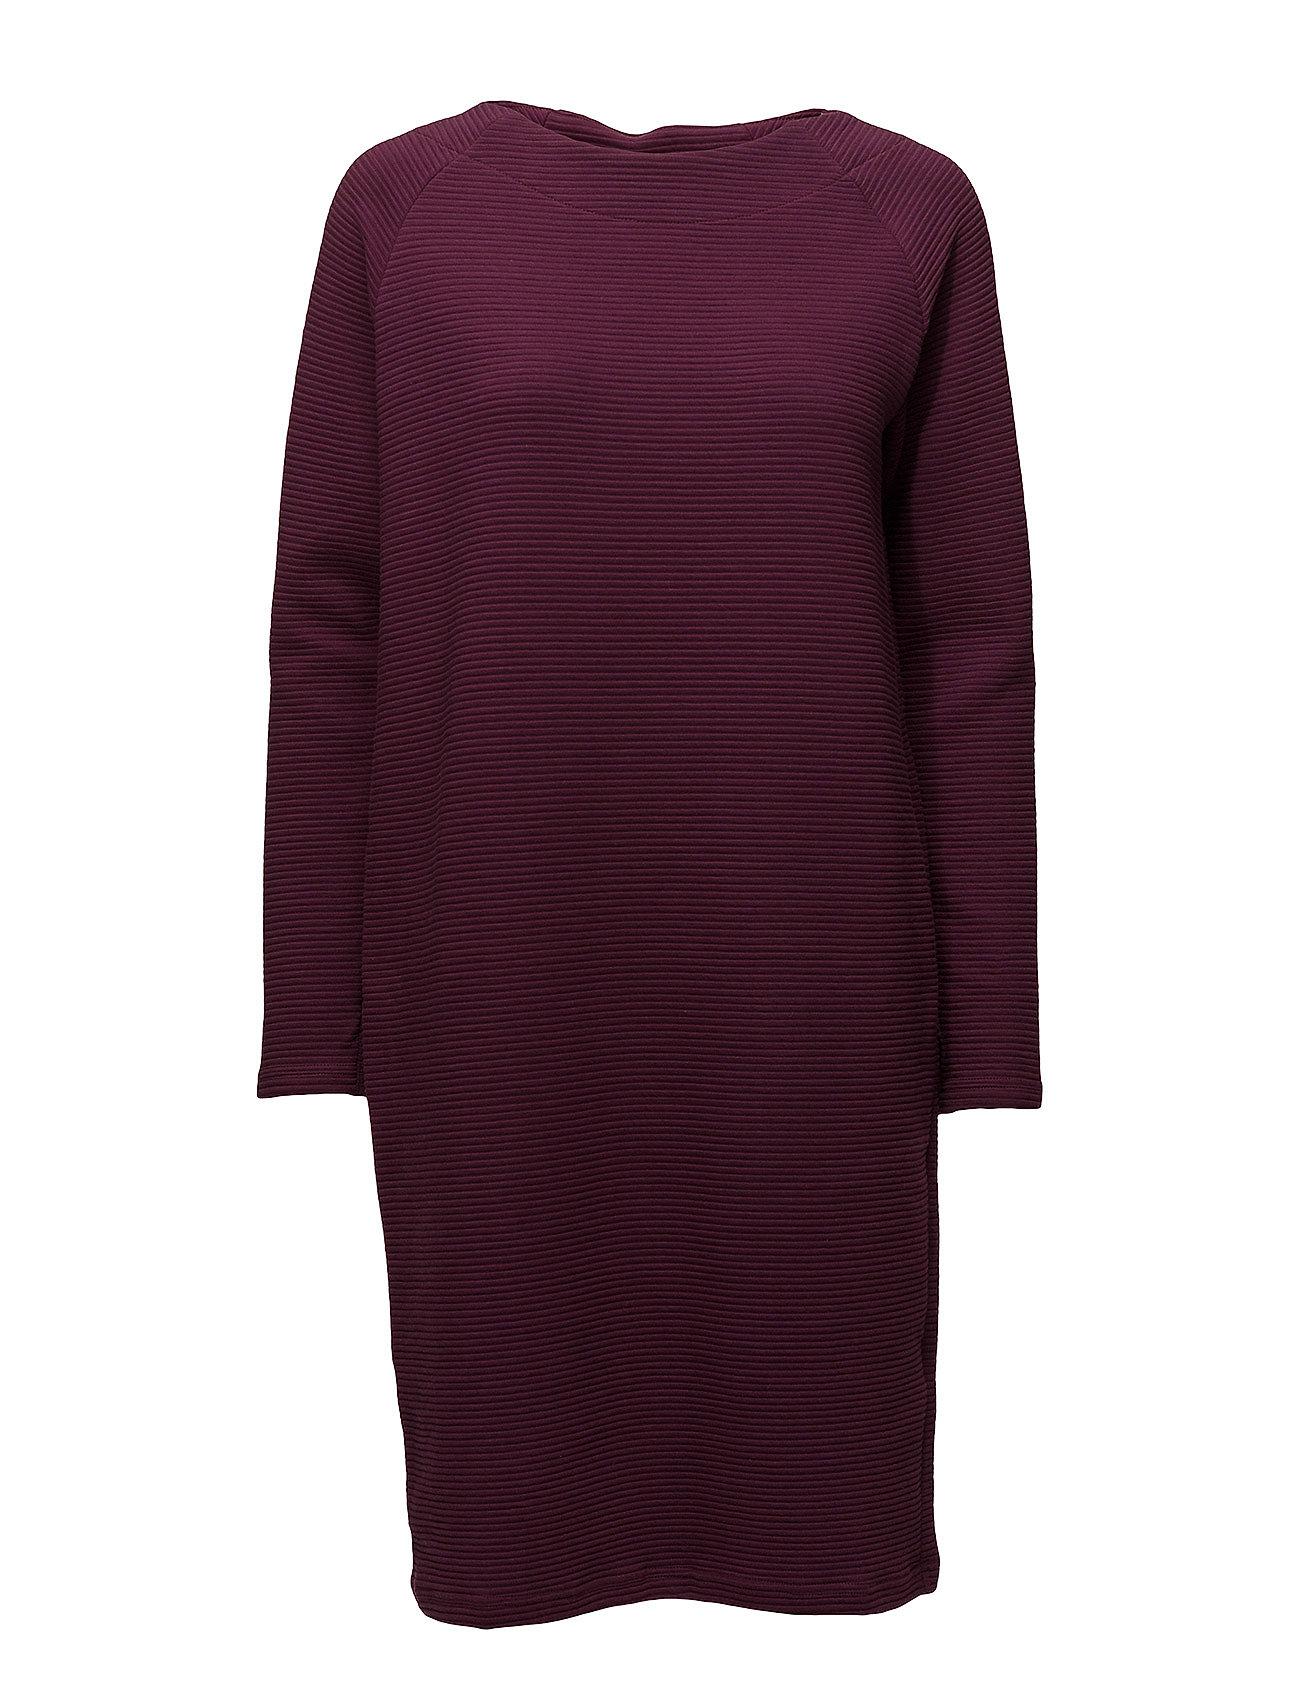 nanso – Ladies dress, selja fra boozt.com dk